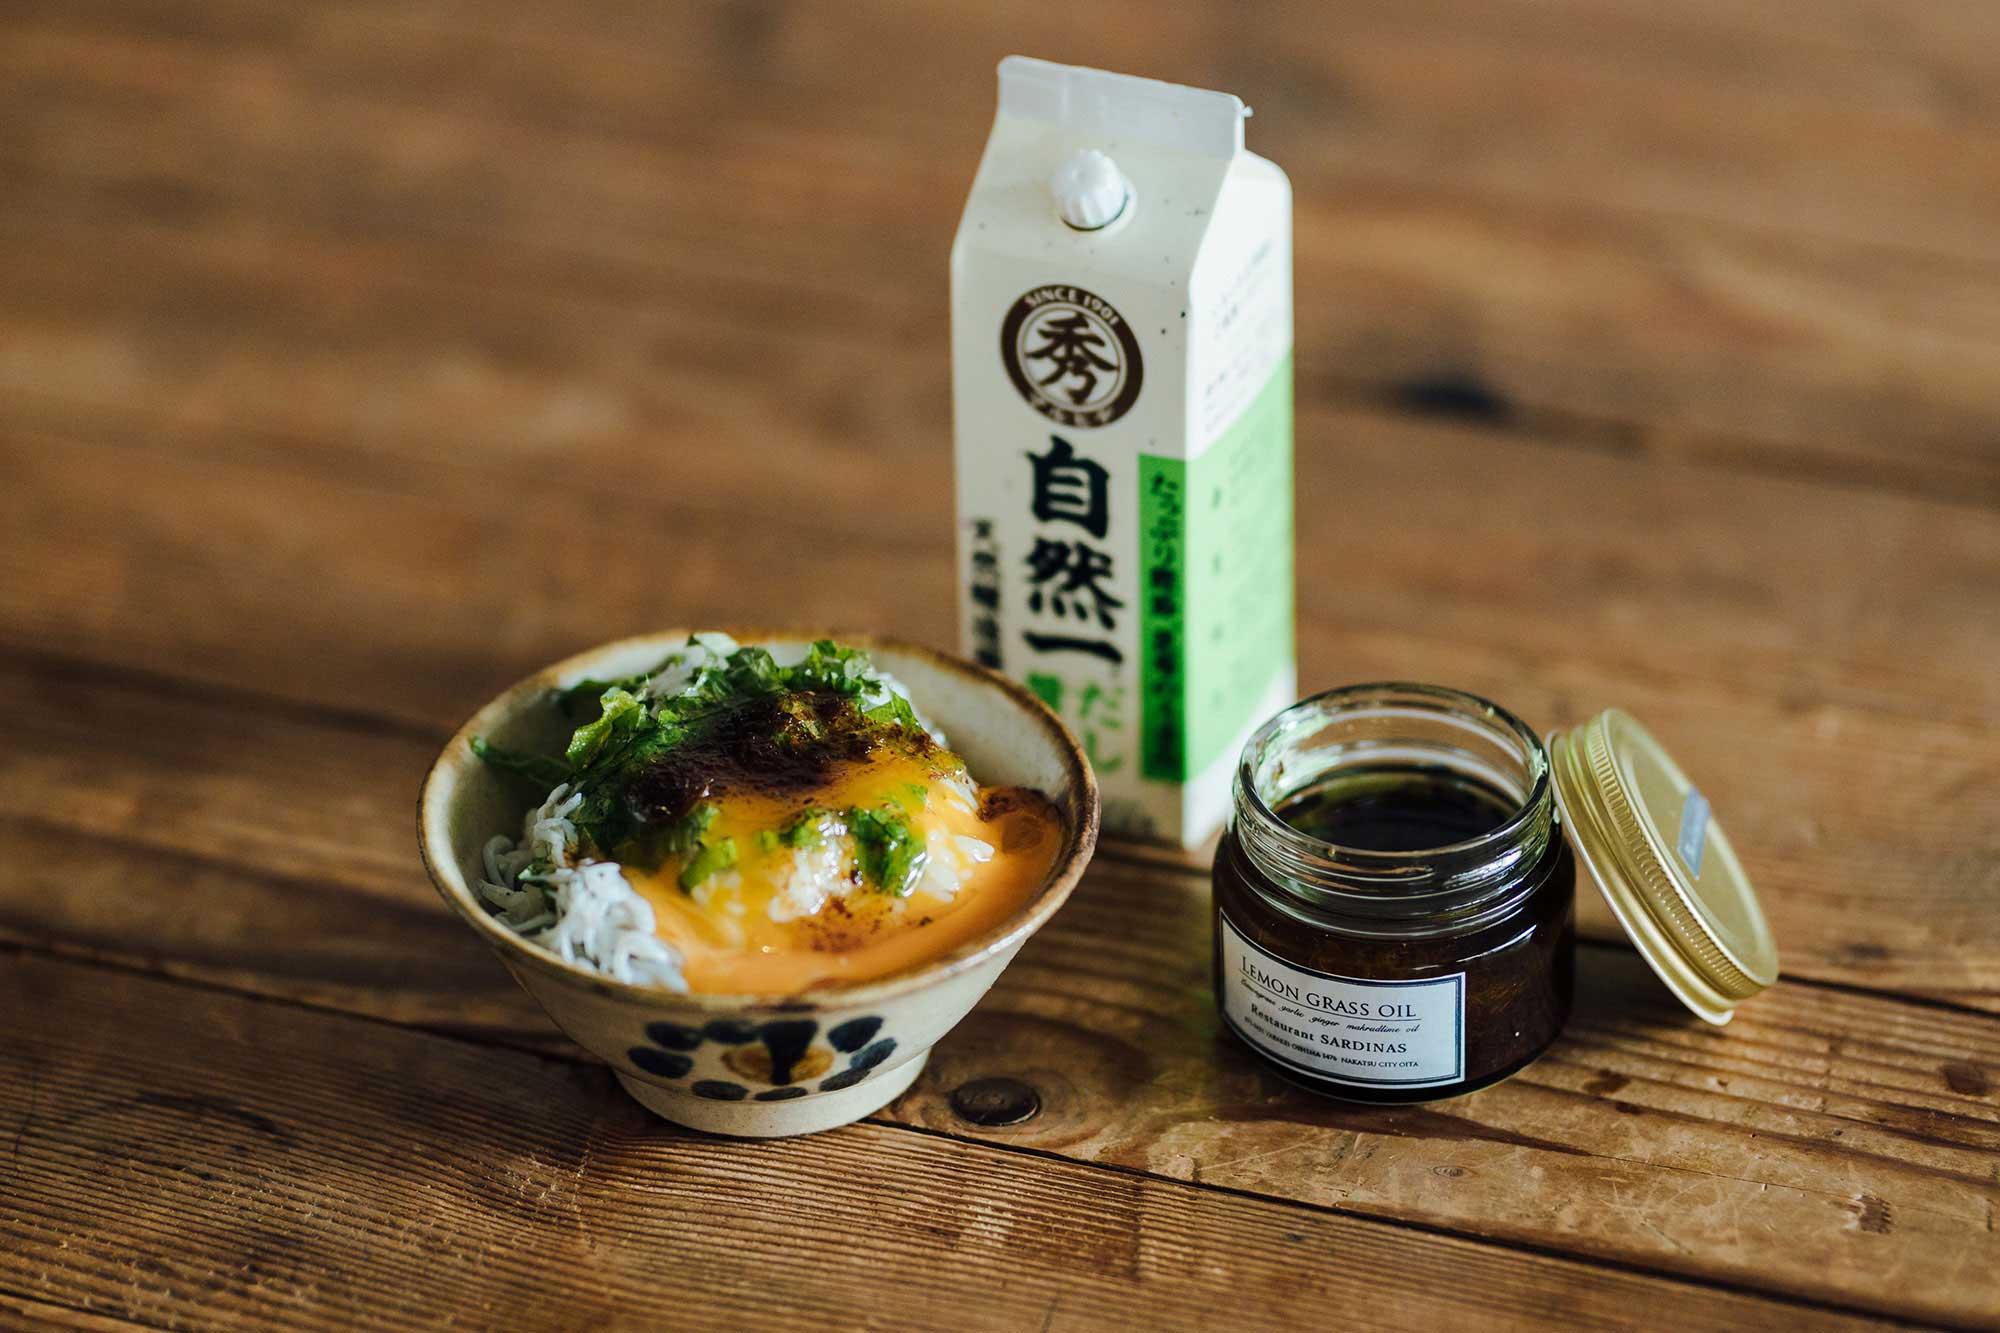 くらすことの夏ギフト A 九州のおいしいもの (めん3種/熟つゆ・だし醤油/レモングラスオイル/鉄火味噌)